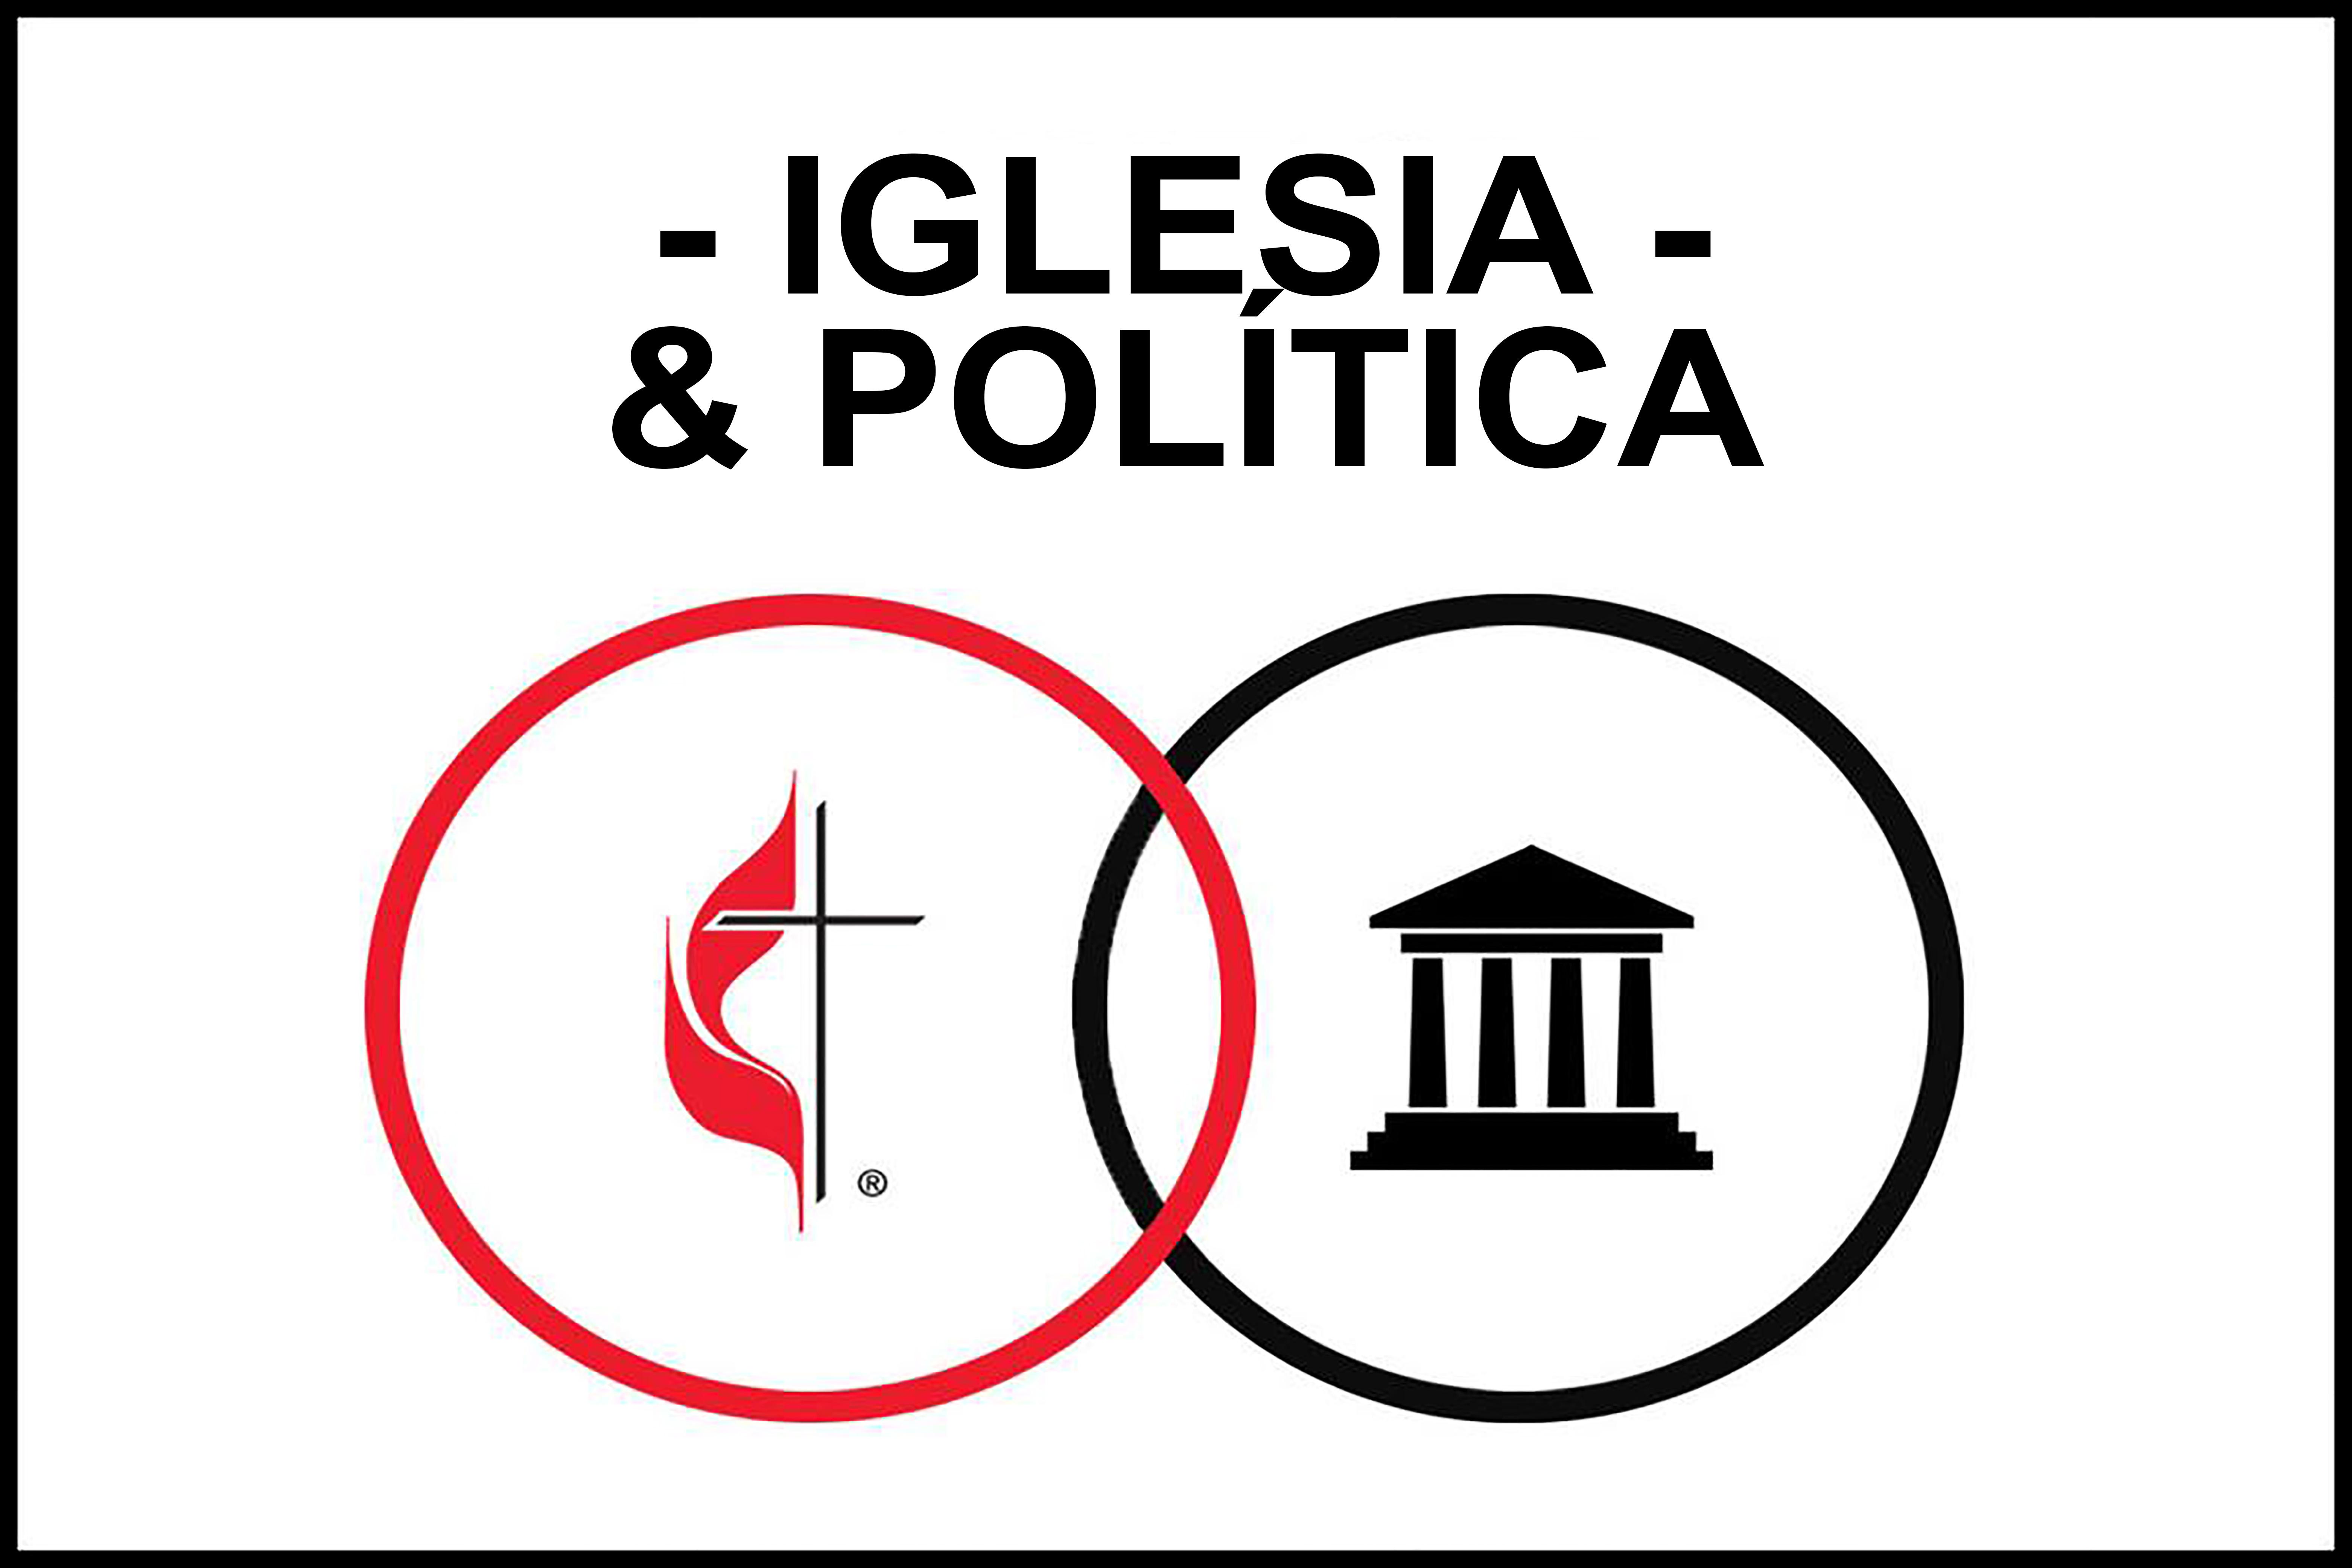 Desde el inicio de la Iglesia, los/as metodistas han participado activamente en asuntos sociales y políticos para construir un mundo más pacífico y justo. Gráfico original de Laurens Glass, UMCOM, Gráfico versión español Rev. Gustavo Vasquez Noticias MU.